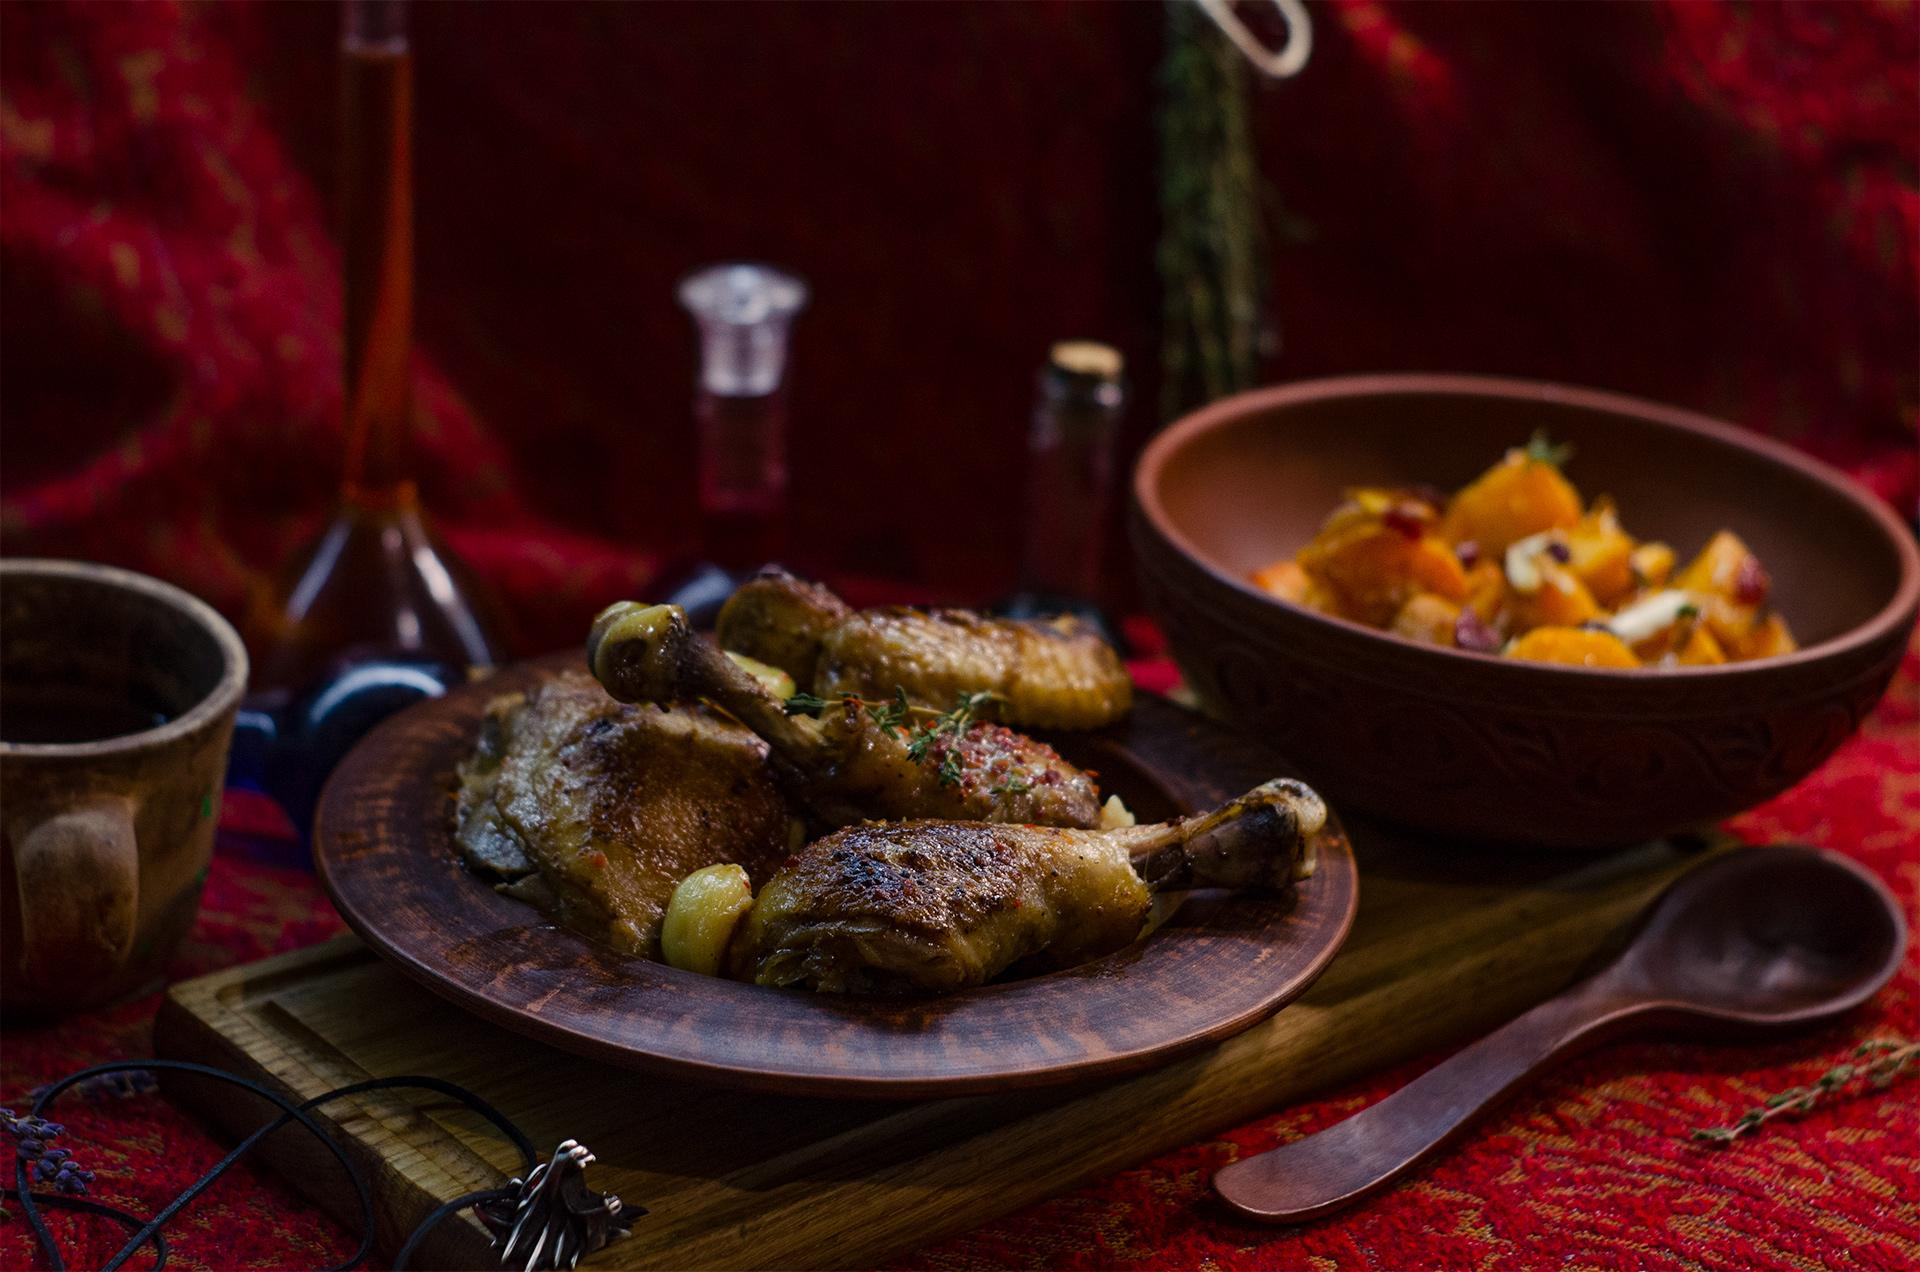 Странный рецепт цыпленка с тыквой из Ведьмака (The Witcher's Mysterious recipe)